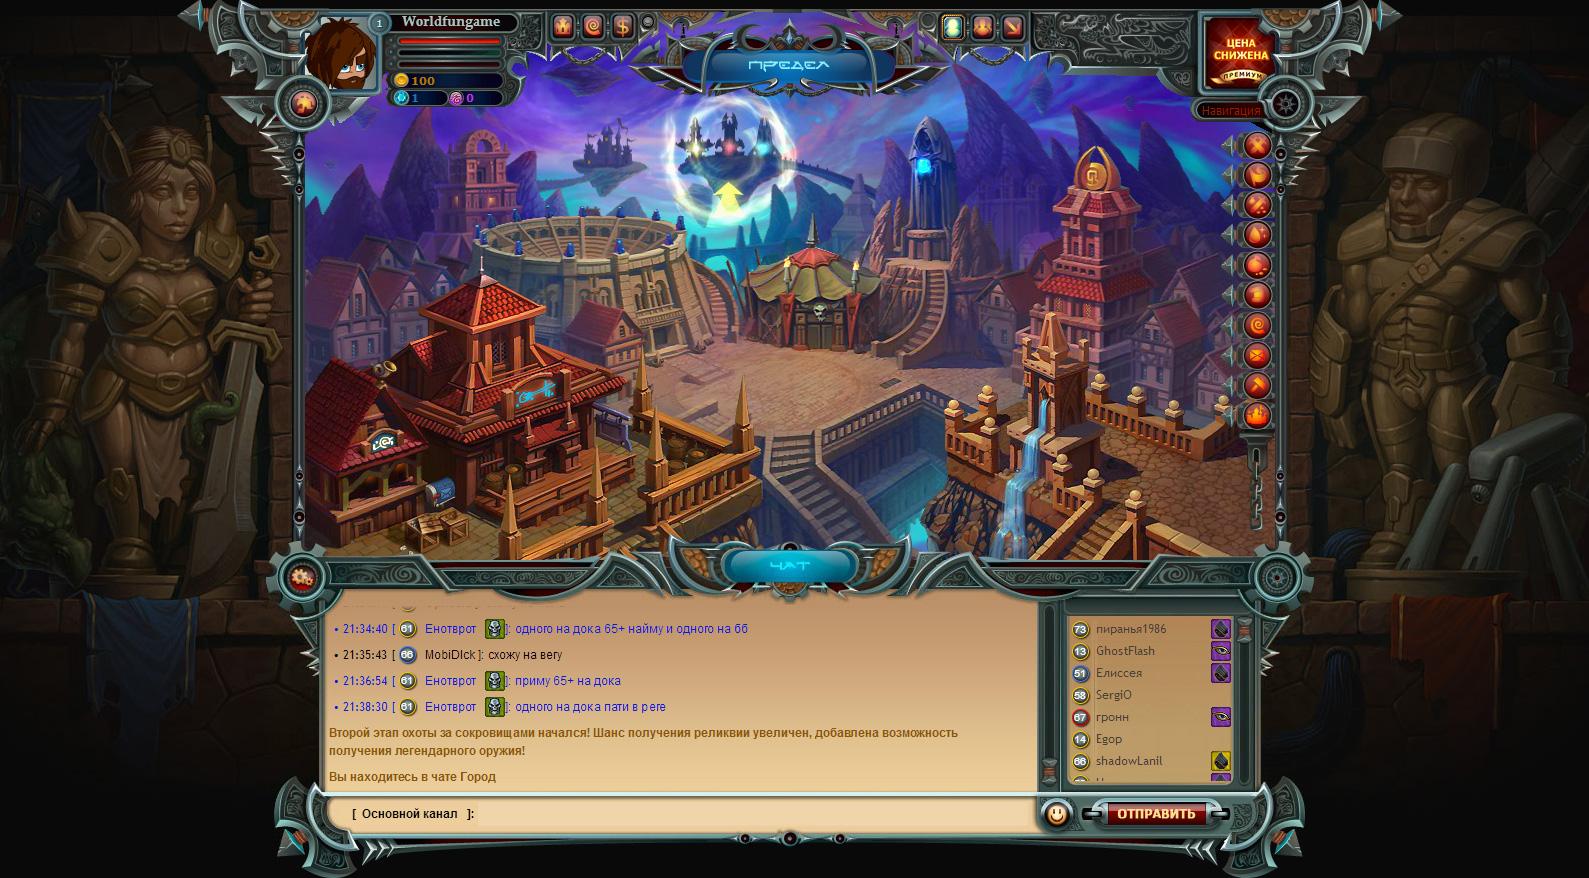 Играть бесплатно в браузерную игру - Гнев Богов